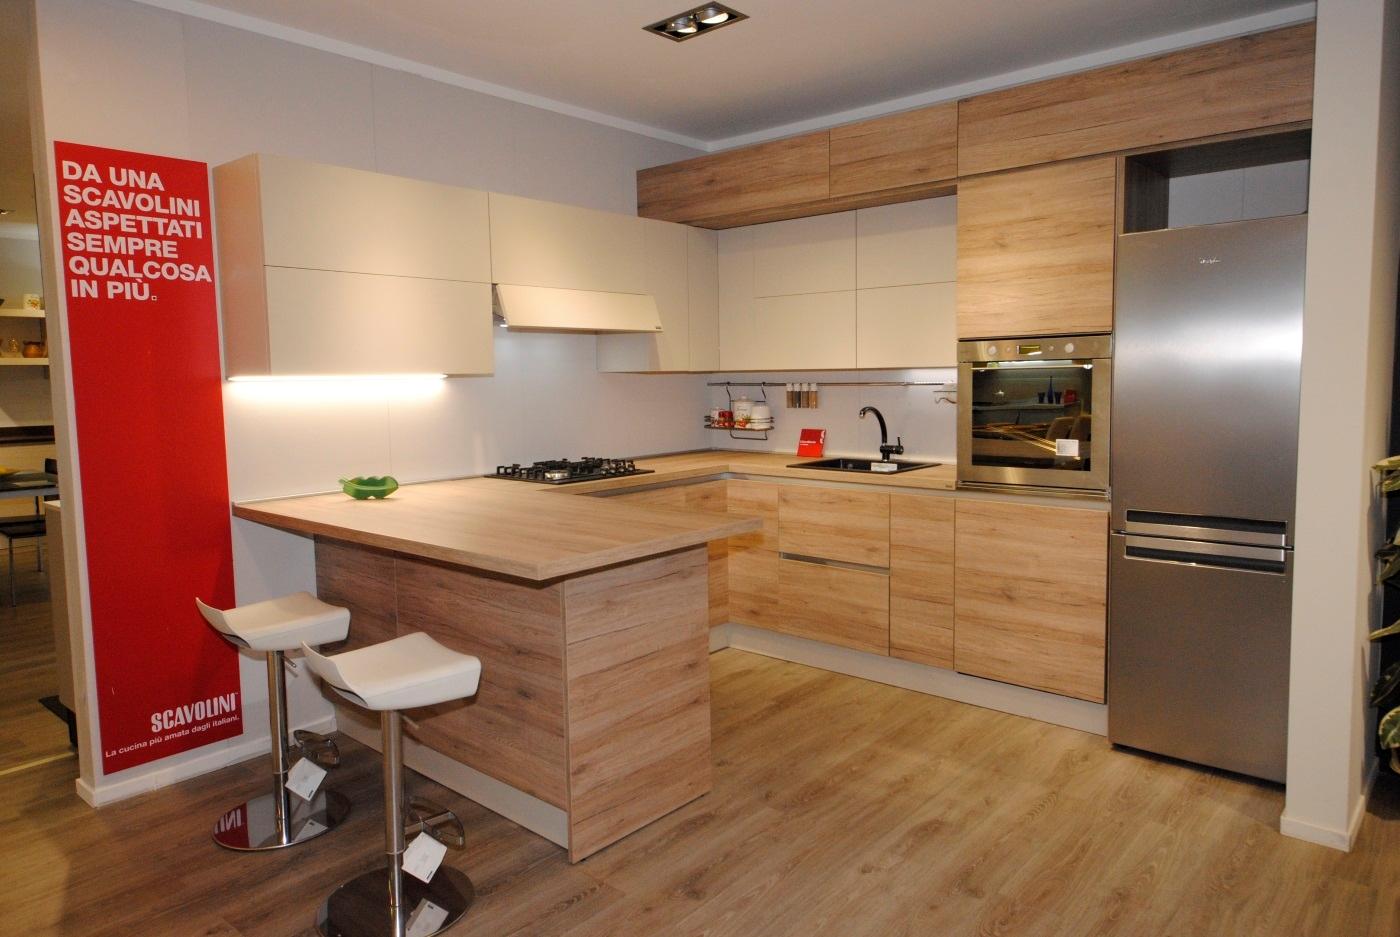 Cucina scavolini liberamente decorativo moderne cucine a - Prezzi cucine scavolini moderne ...